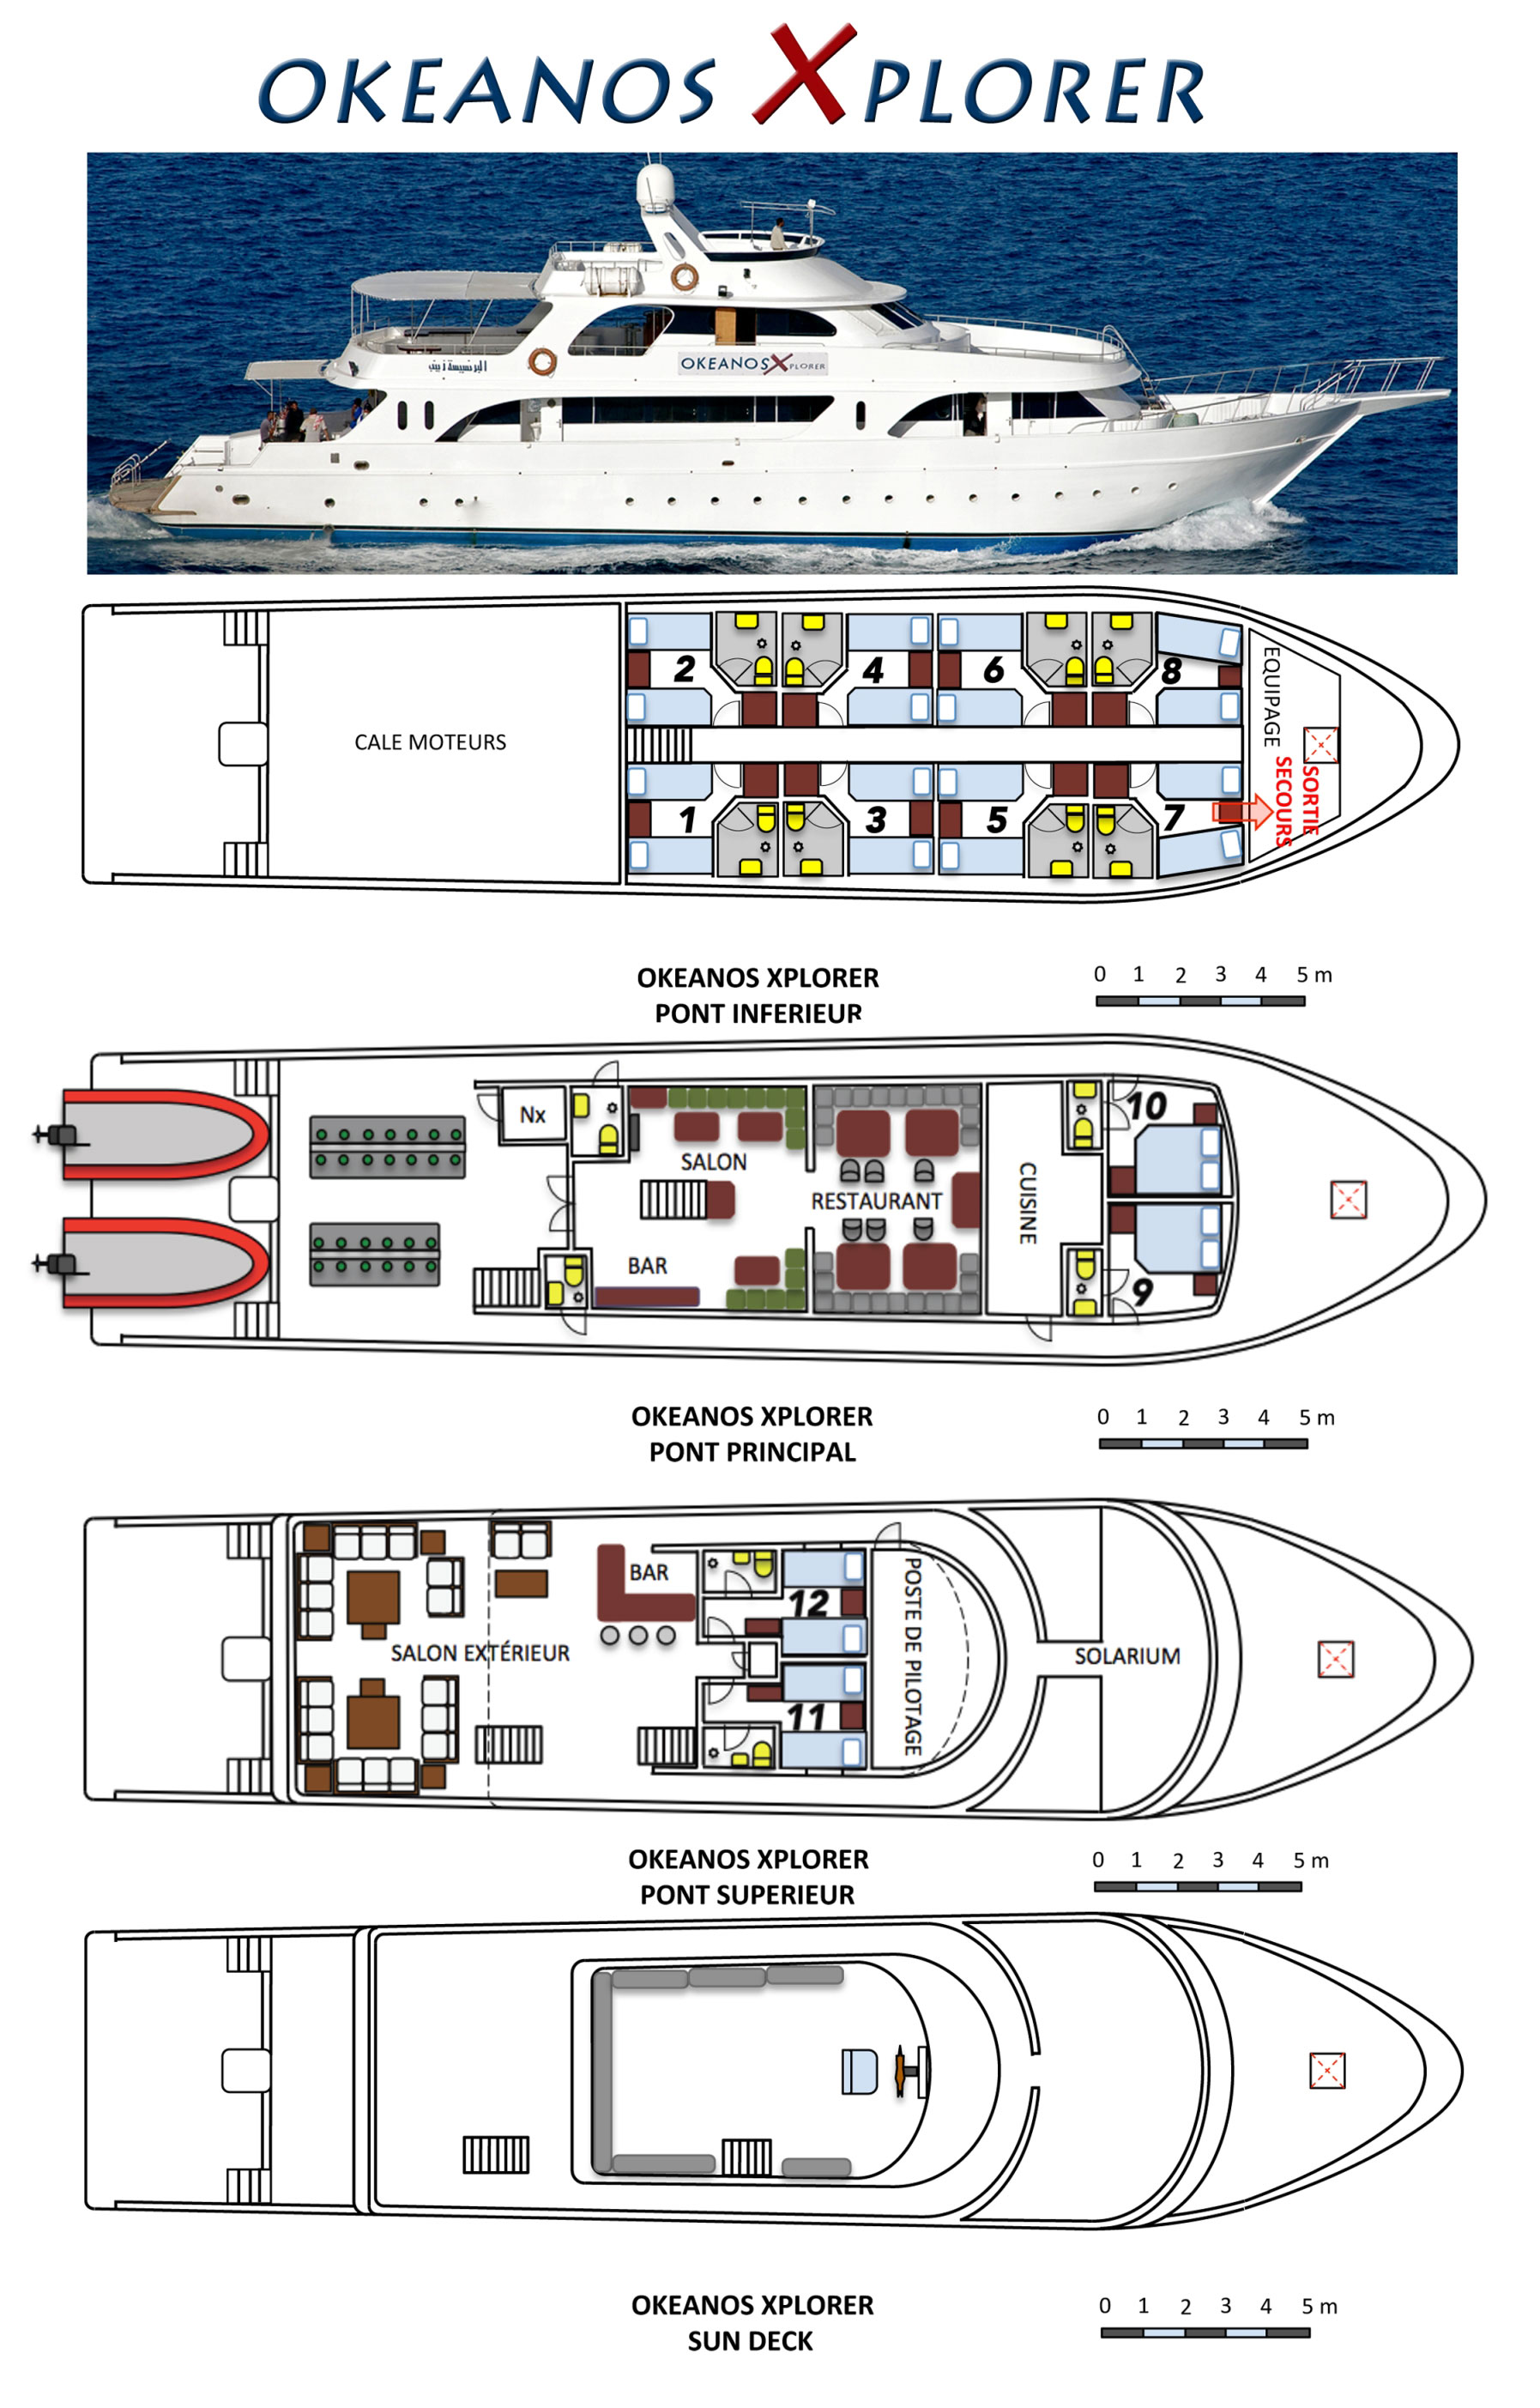 Okeanos Xplorer plan bateau